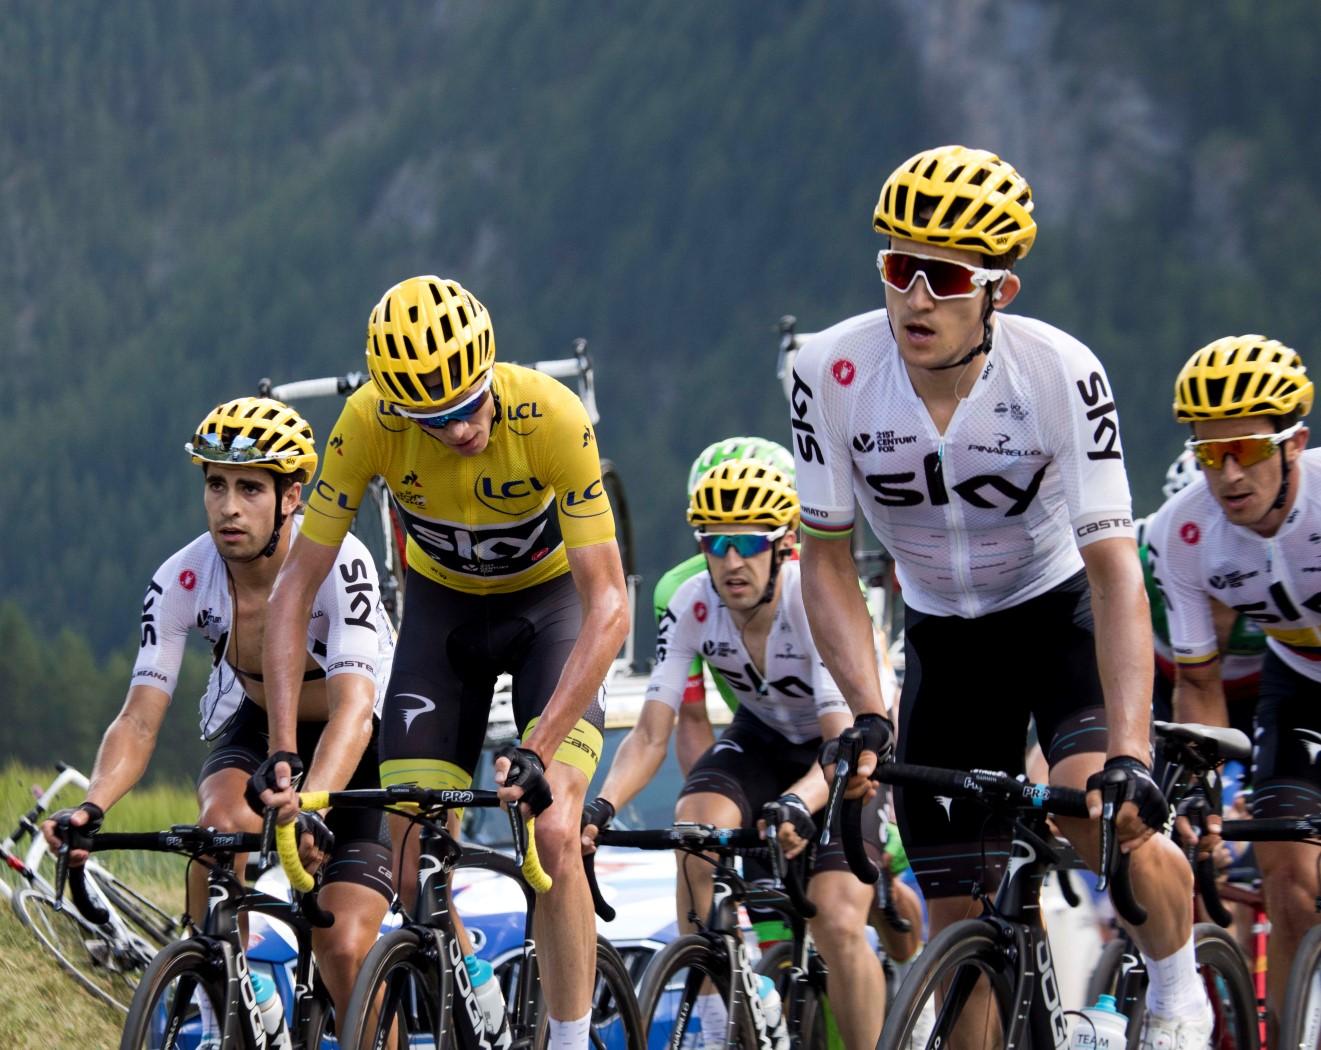 Tour_de_France_2017,_sky_peloton_(35326163734).jpg